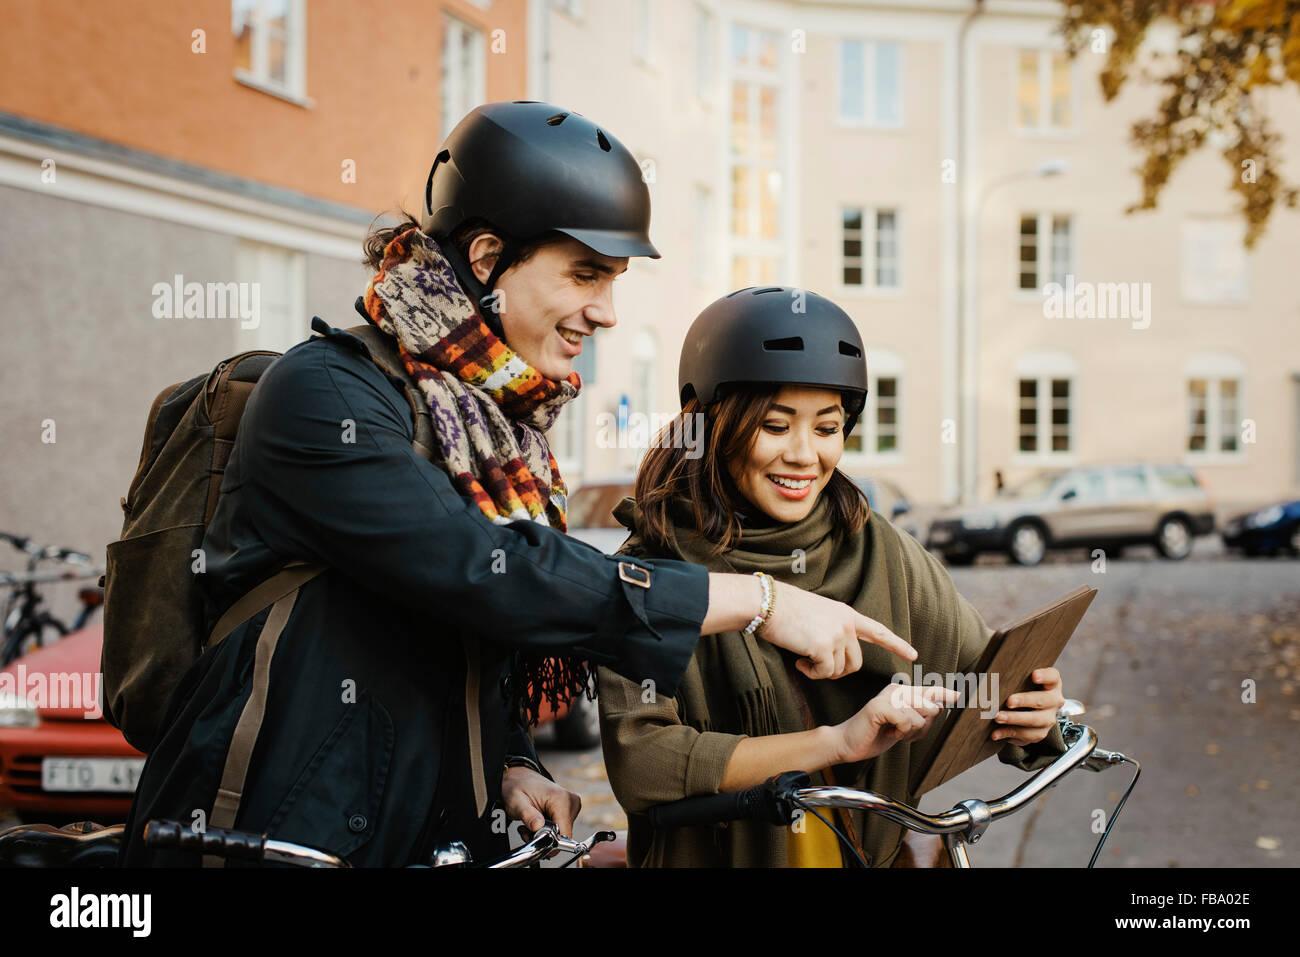 Sweden, Uppland, Stockholm, Vasastan, Rodabergsbrinken, Two young people looking at digital tablet smiling - Stock Image